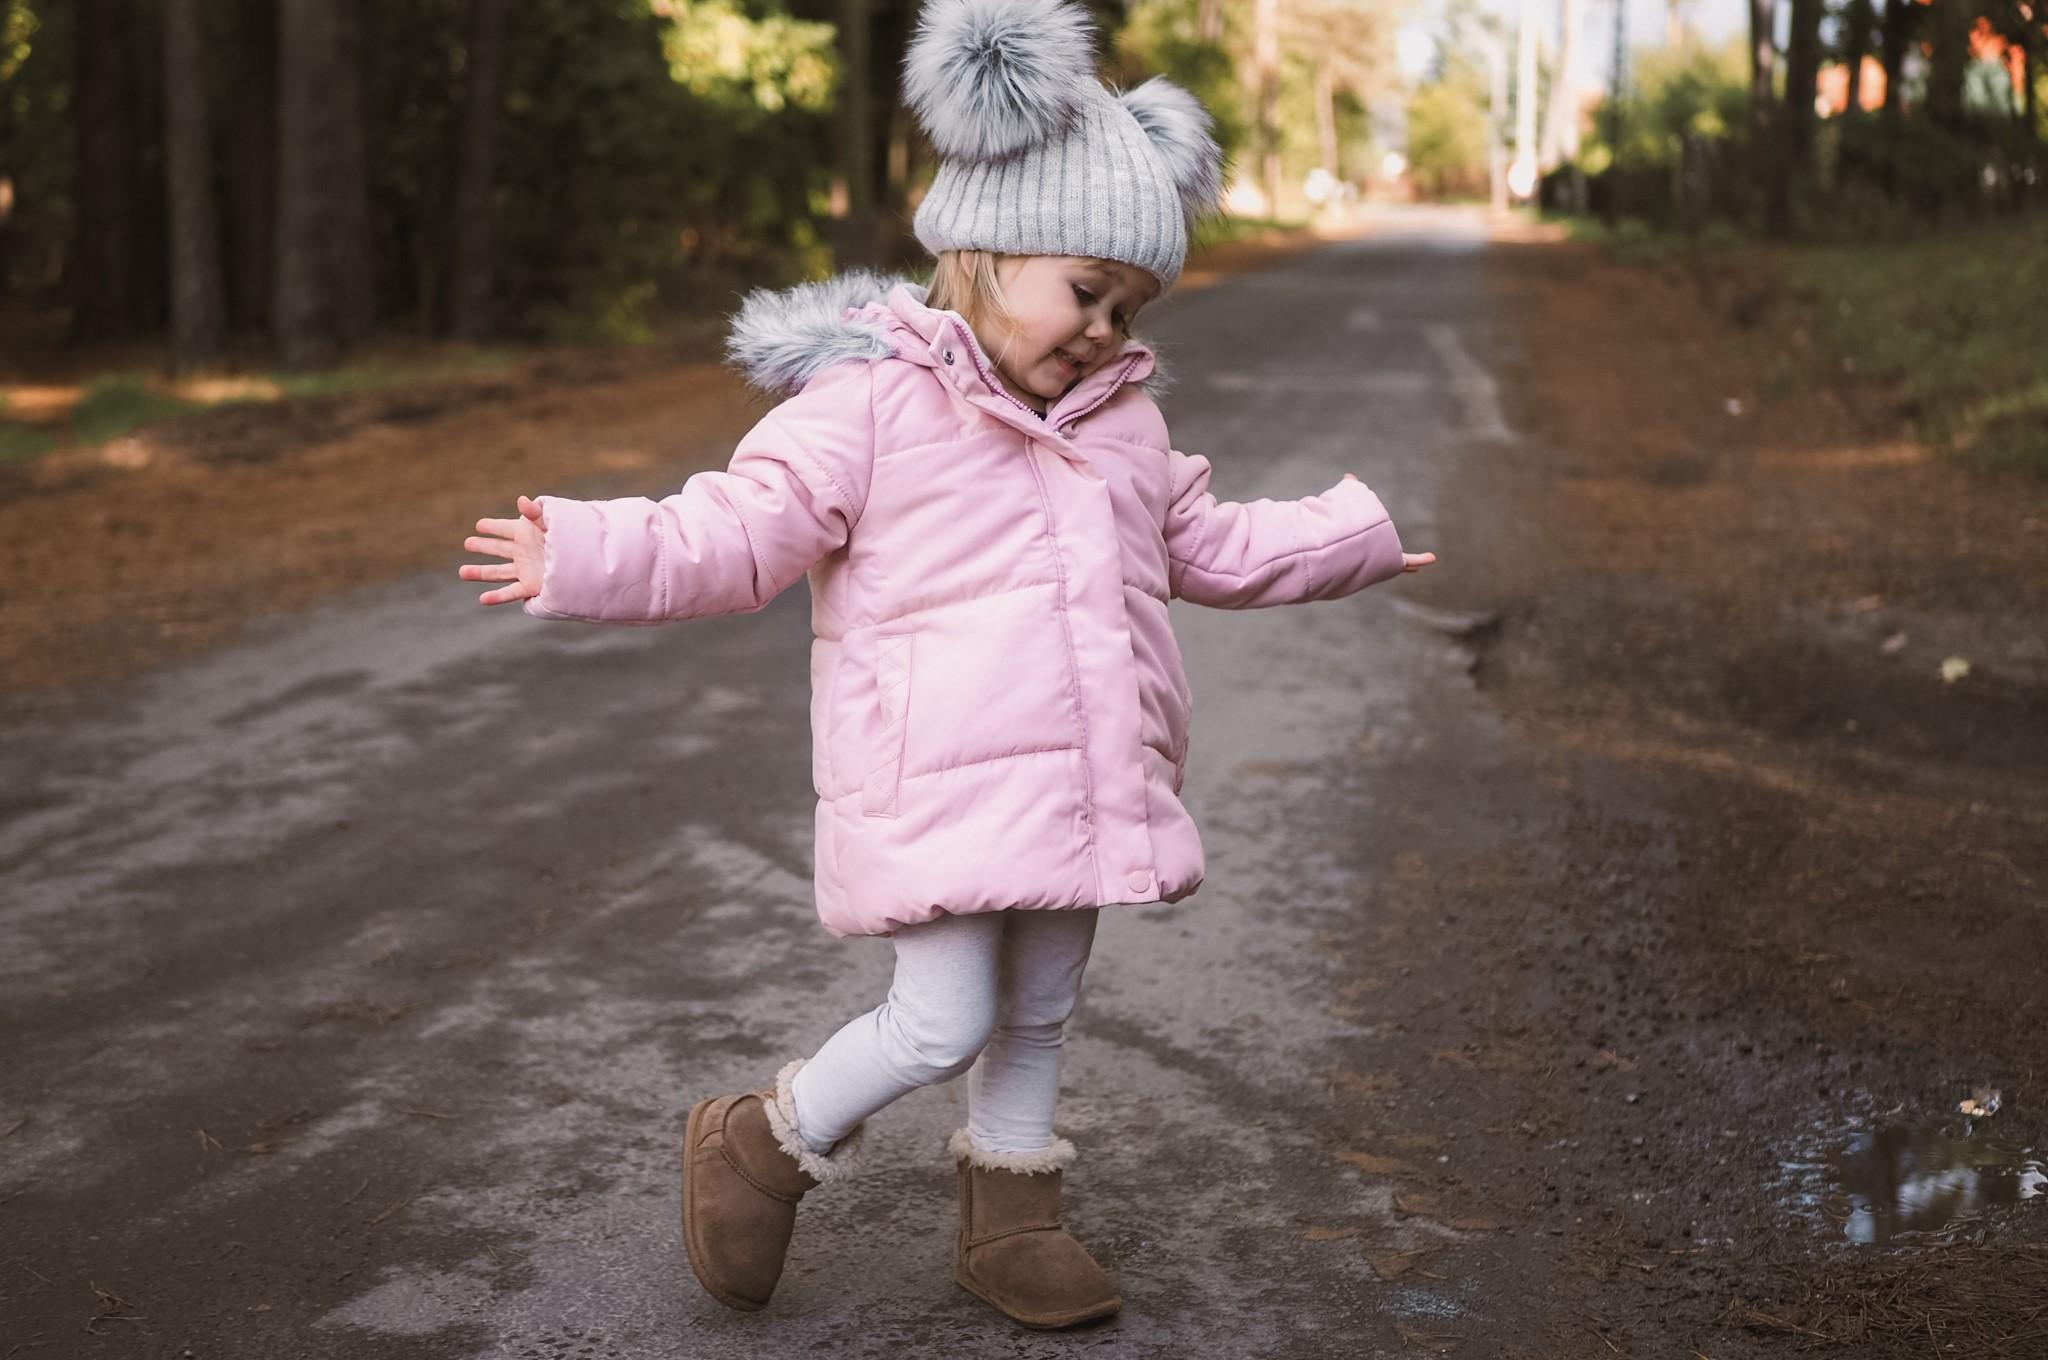 Dziewczynka w różowej kurtce stojąca na drodze w lesie.